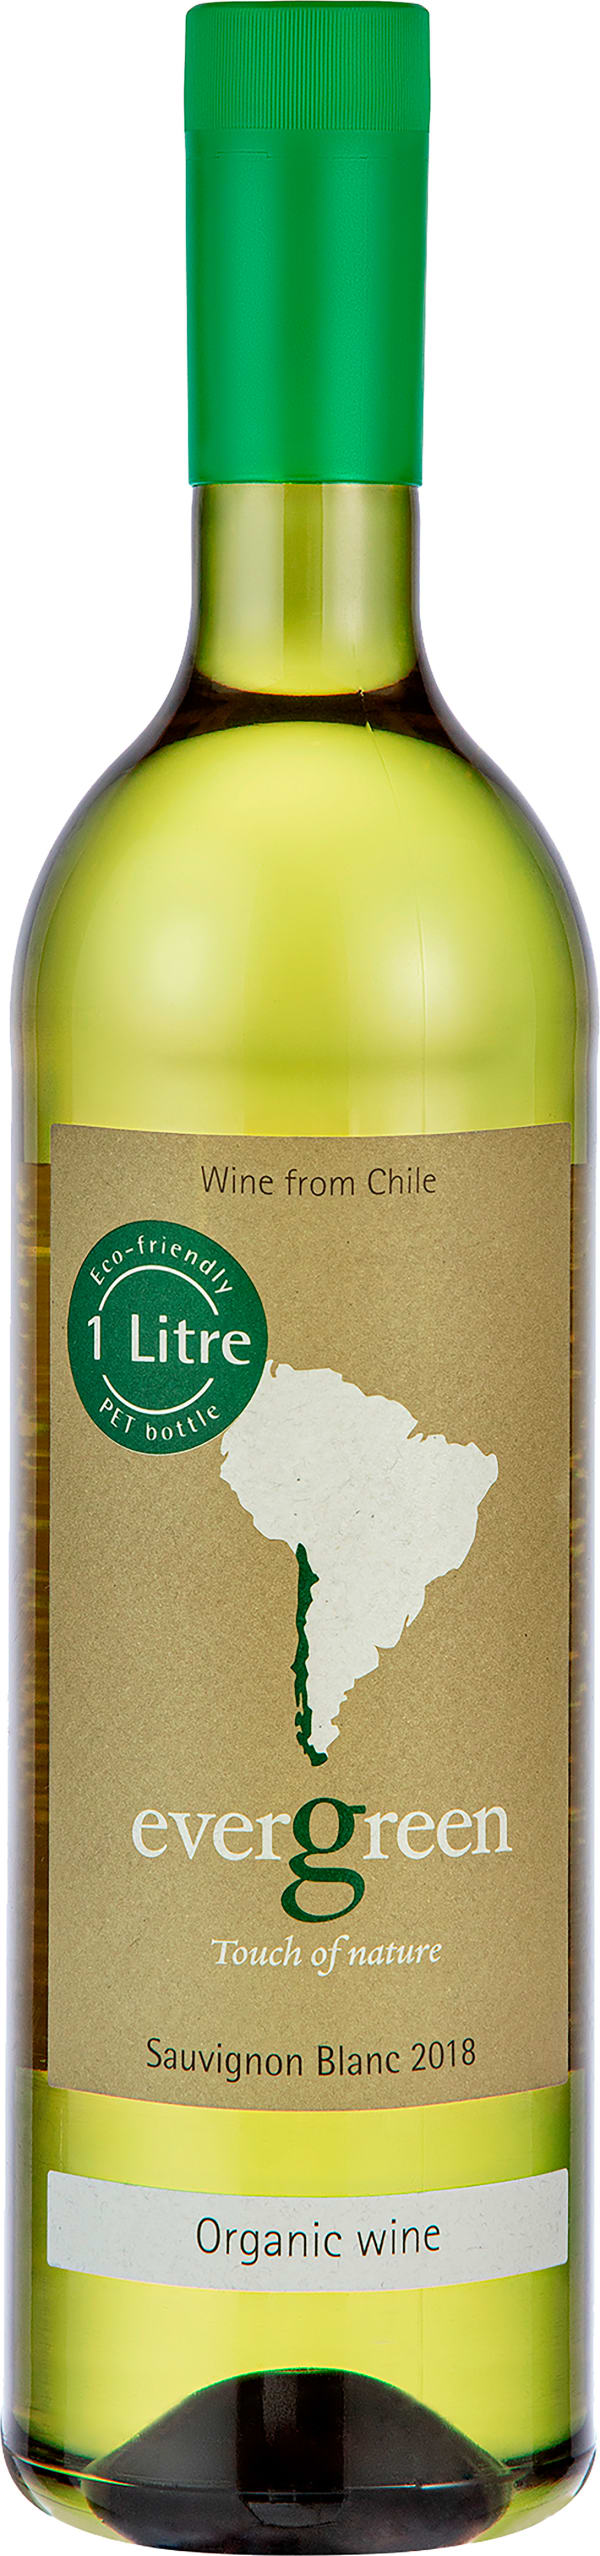 Evergreen Sauvignon Blanc 2016 muovipullo